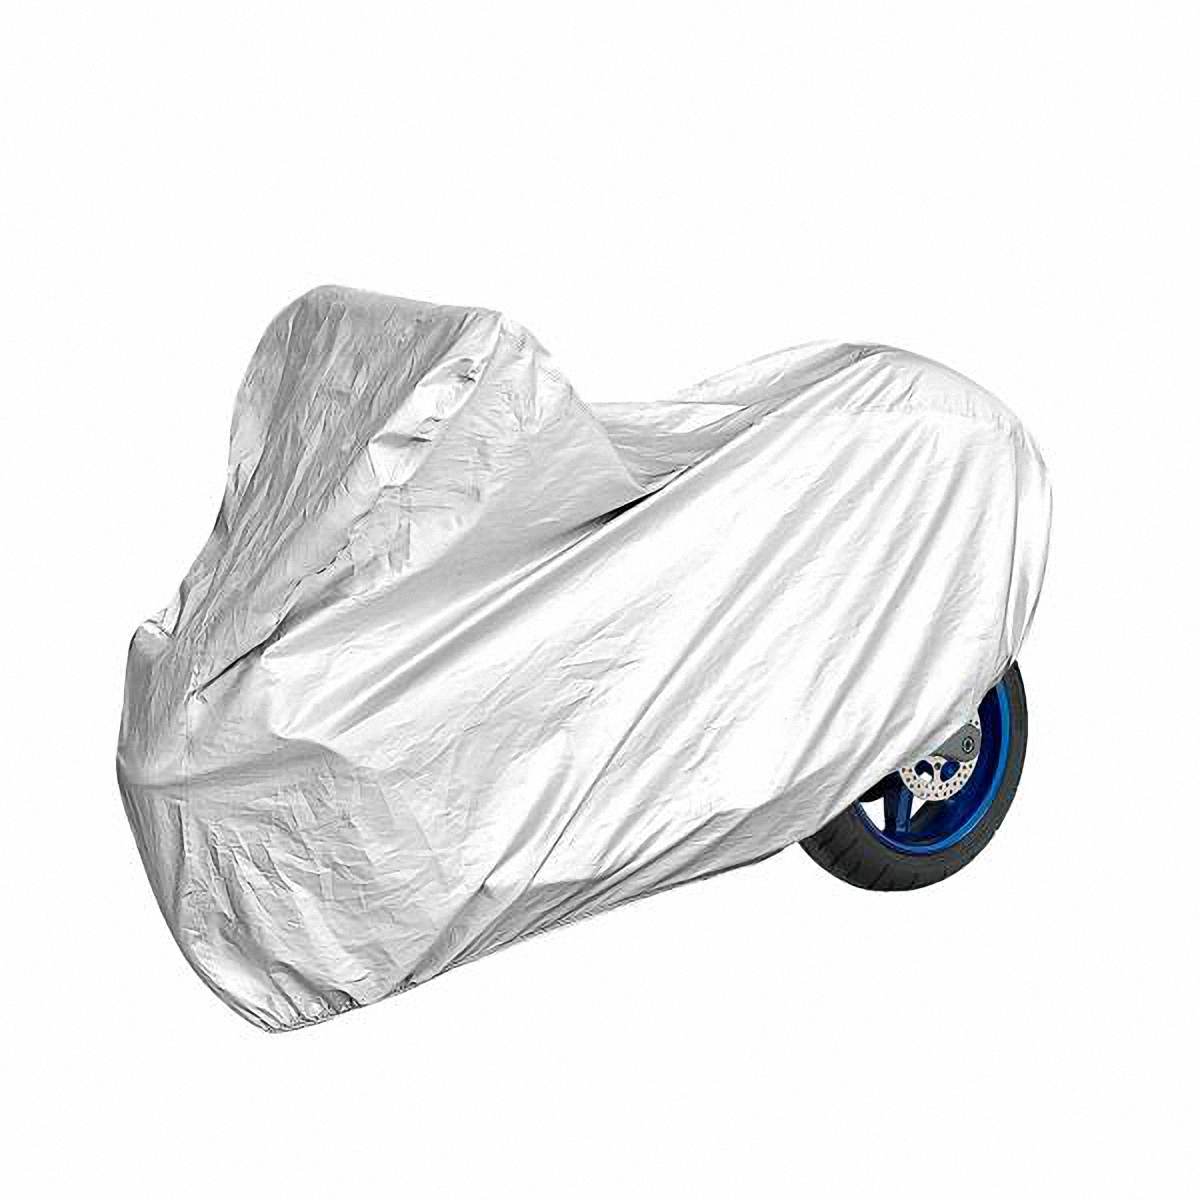 Чехол-тент на мотоцикл Skyway, 203 х 89 х 119 см. Размер MS04402001Тент на мотоцикл позволит защитить кузов вашего транспортного средства от коррозии и загрязнений во время хранения или транспортировки, а вас избавит от необходимости его частого мытья. Чехол-тент предохраняет лакокрасочное покрытие кузова, стекла и фары вашего мотоцикла от воздействия прямых солнечных лучей и неблагоприятных погодных условий, загрязнений. Легко и быстро надевается на мотоцикл, не царапая и не повреждая его.Изготовлен из высококачественного полиэстера. В передней и задней части тента вшиты резинки, стягивающие его нижний край под передним и задним бамперами. Обладает высокой влаго- и износостойкостью. Обладает светоотражающими и пылезащитными свойствами. Выдерживает как низкие, так и высокие температуры. Воздухопроницаемый материал. Состав: полиэстер. Размер: 203 х 119 х 89 см.